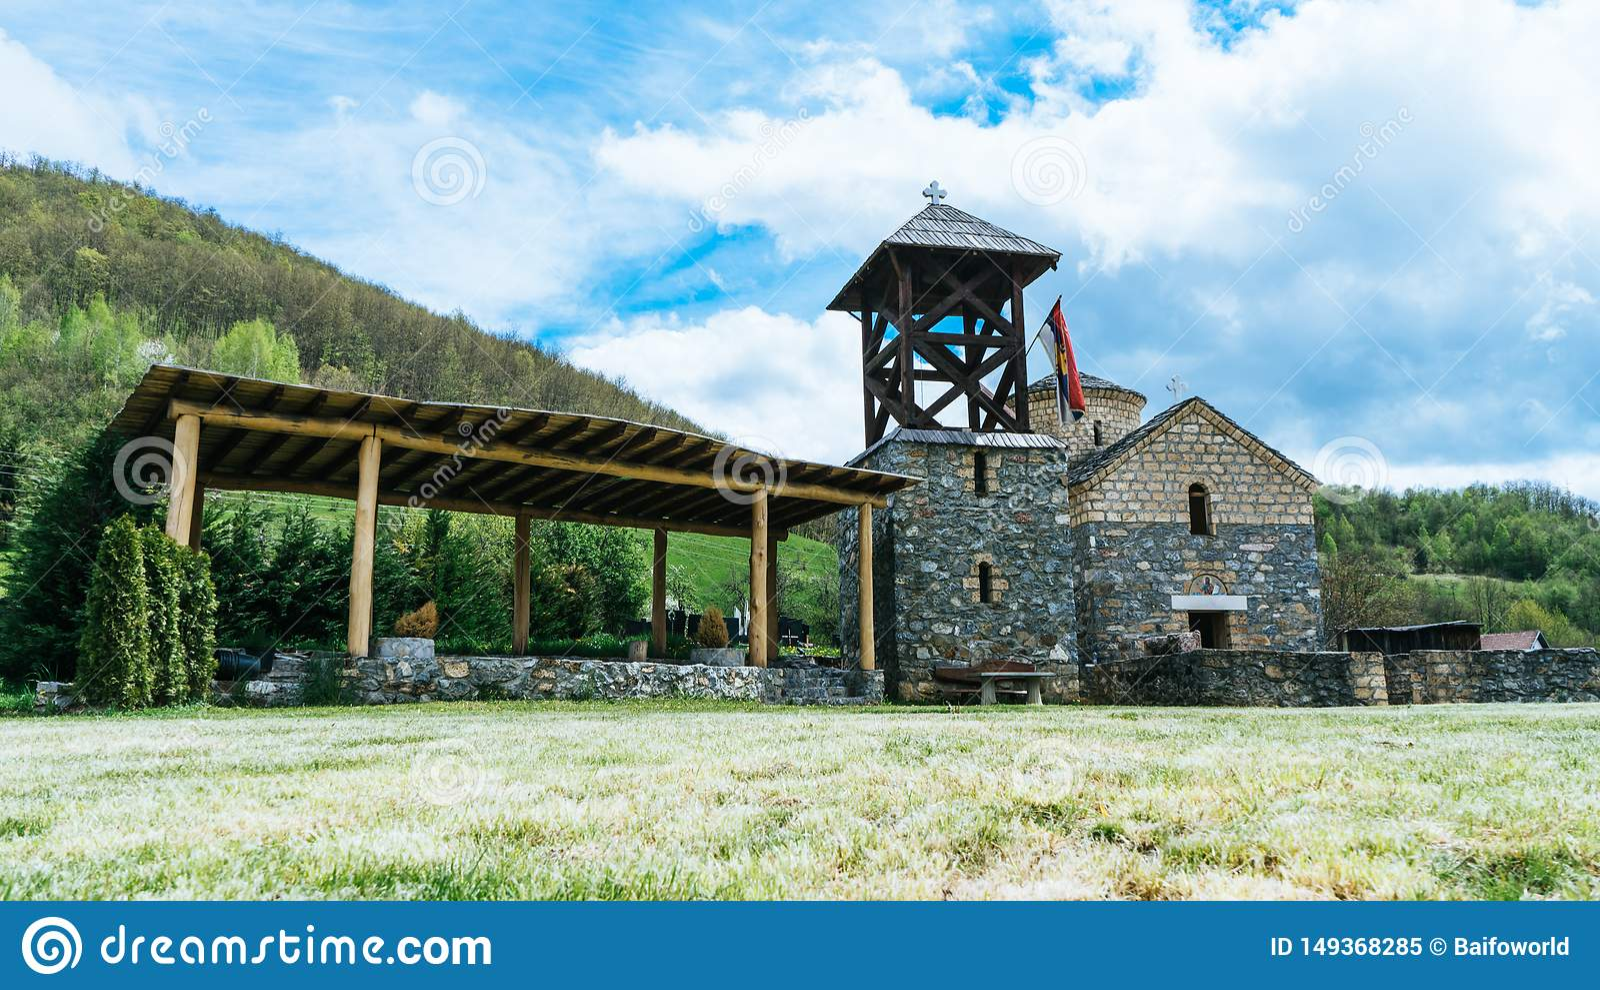 Serbische Flagge der orthodoxen Kirche durch einen kleinen Schrein Sakrale Architektur orthodoxe Kirche crkva svetog jovan krstit